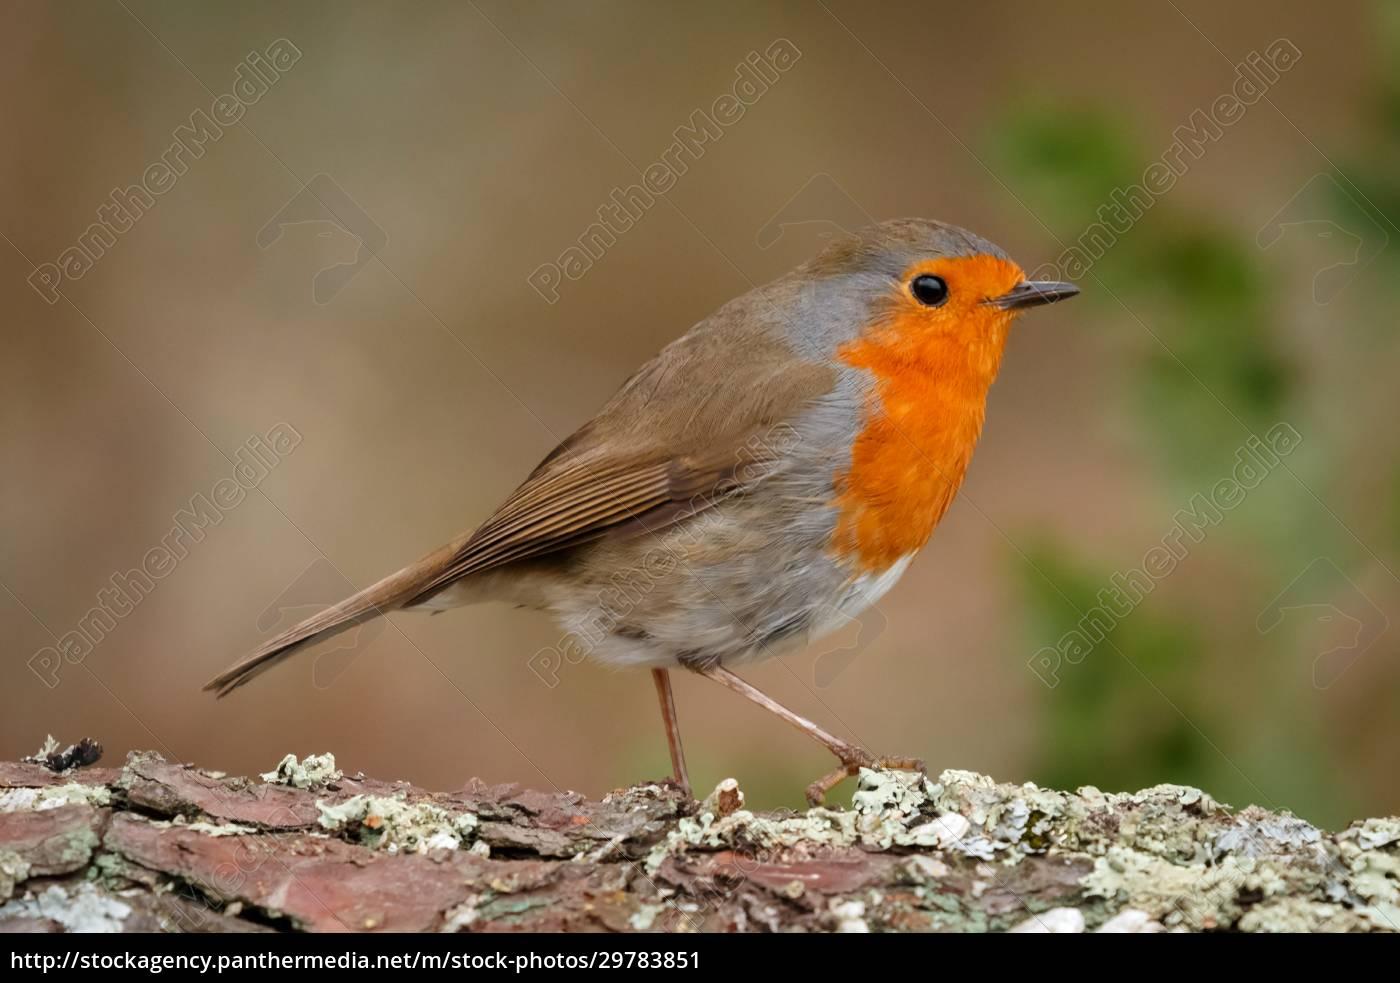 pássaro, bonito, com, uma, bela, plumagem - 29783851